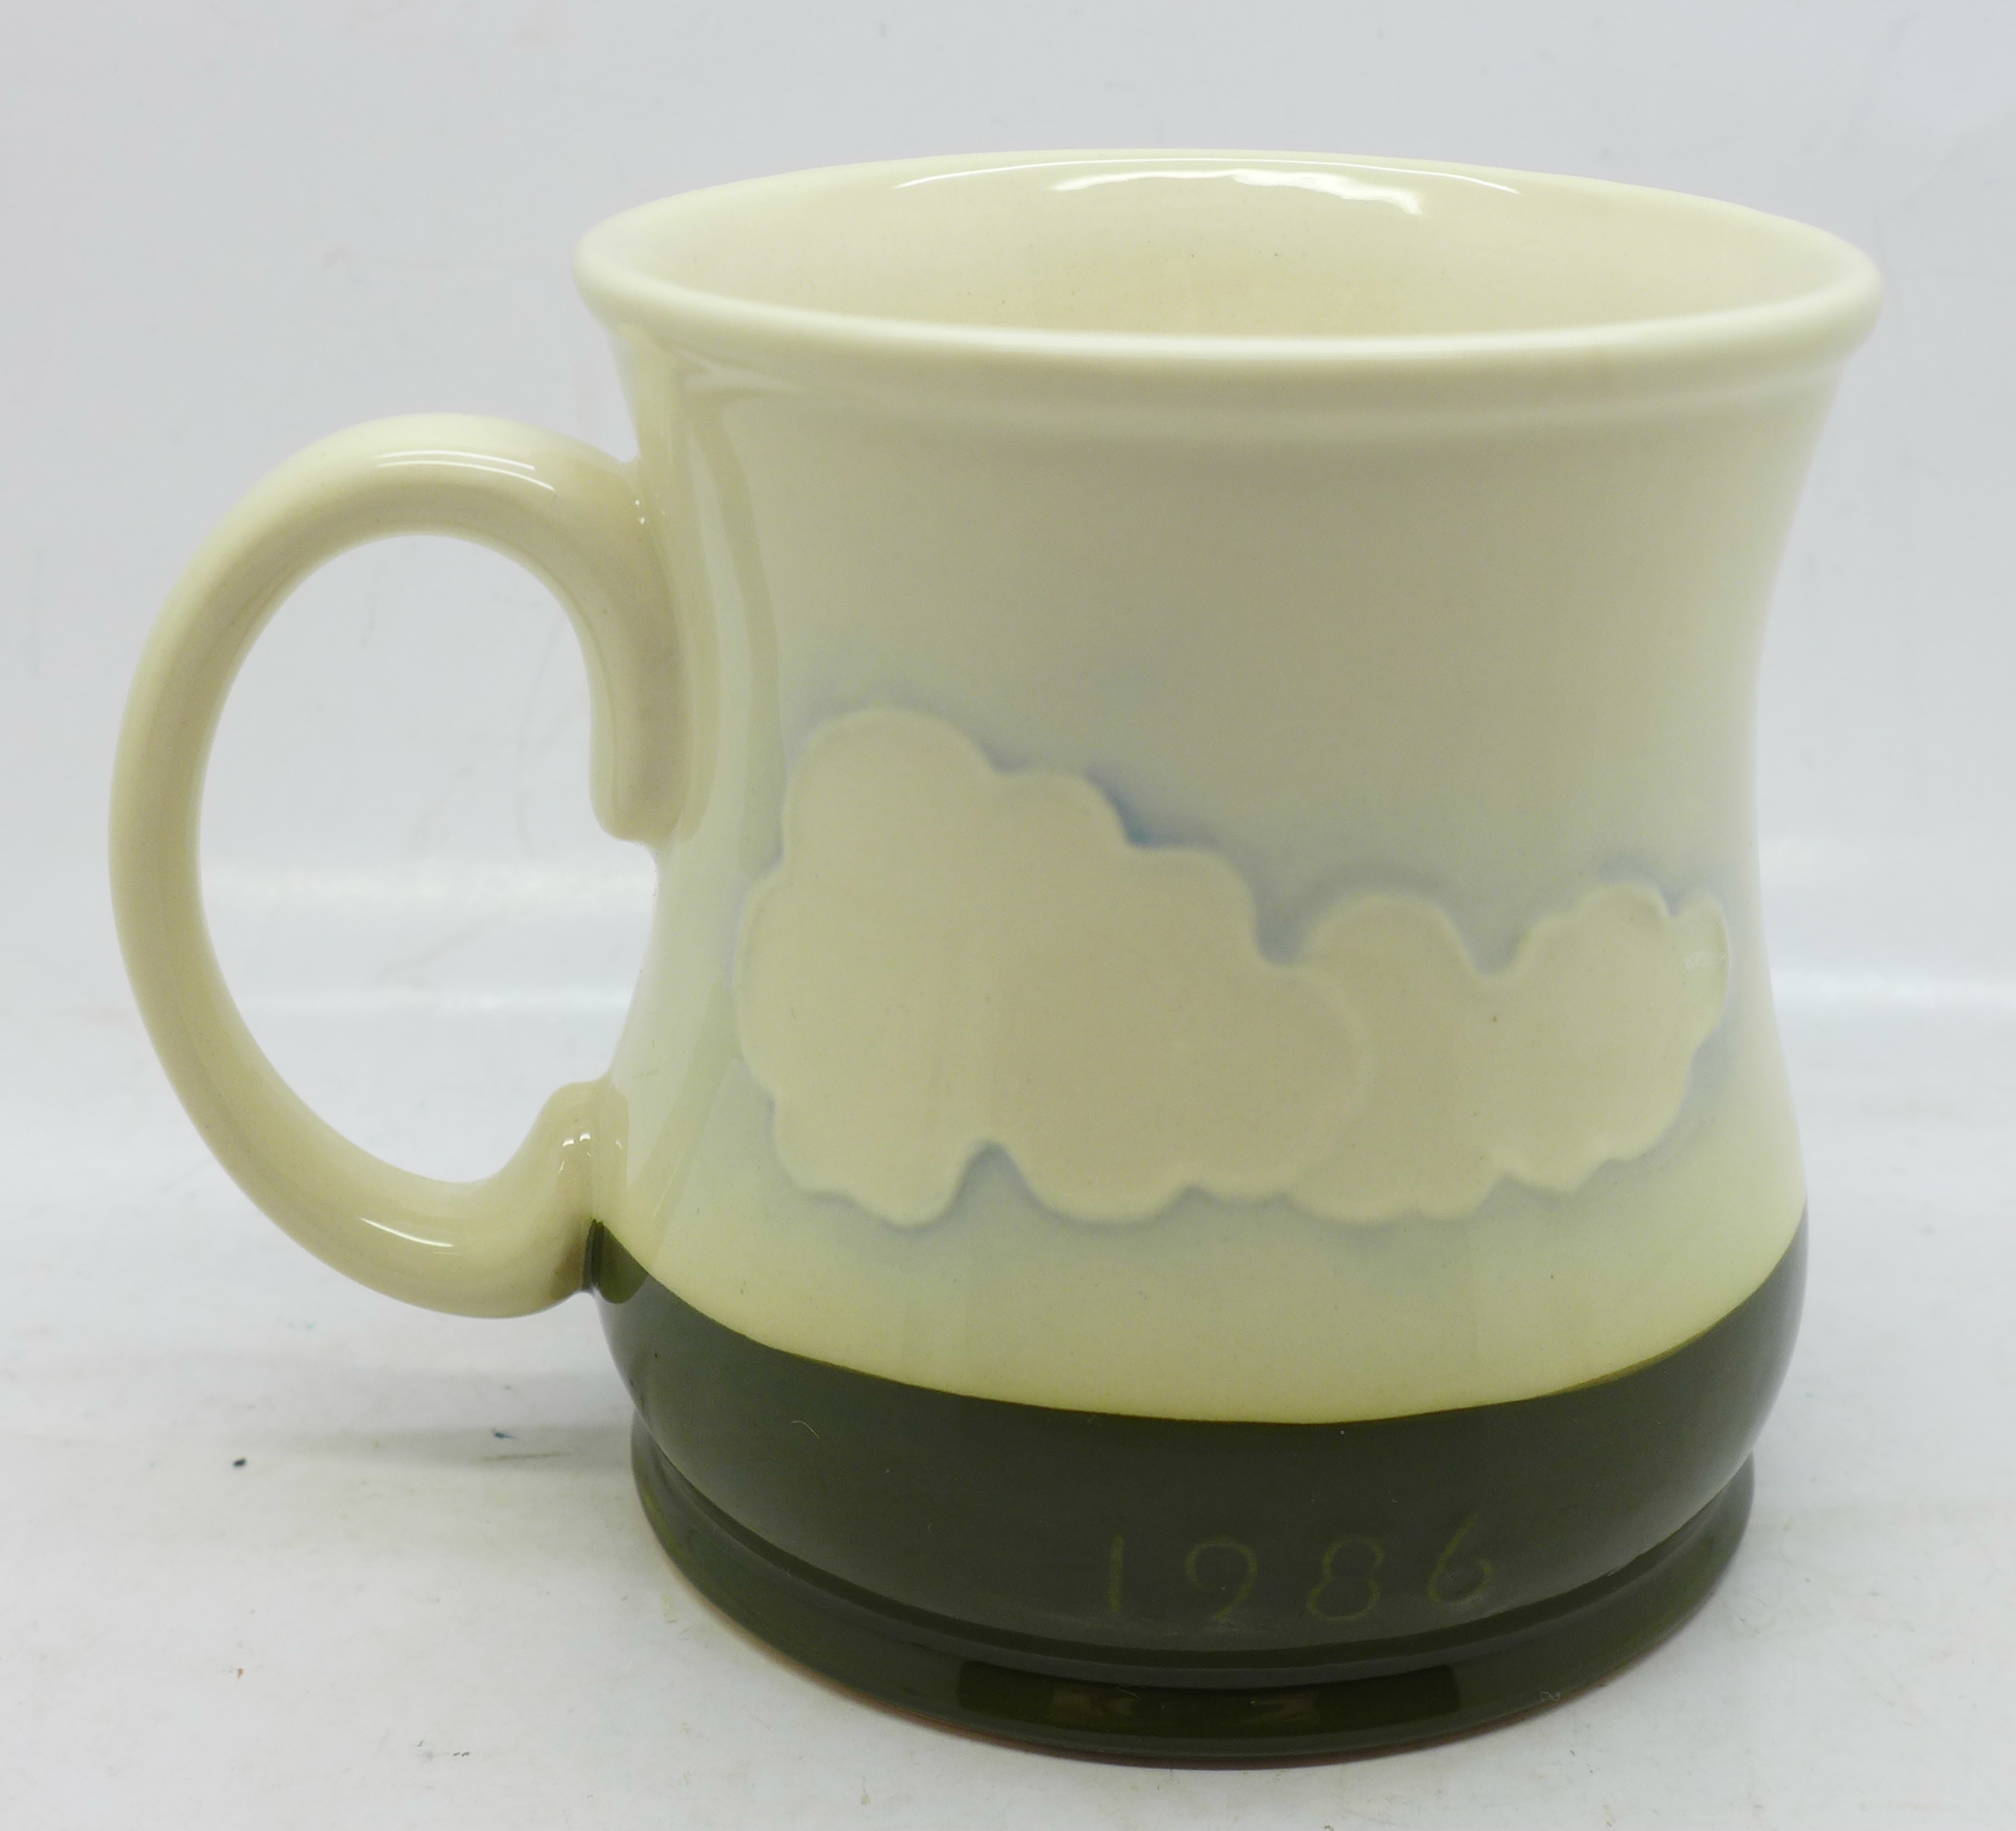 A Moorcroft mug, 1986 - Image 2 of 3